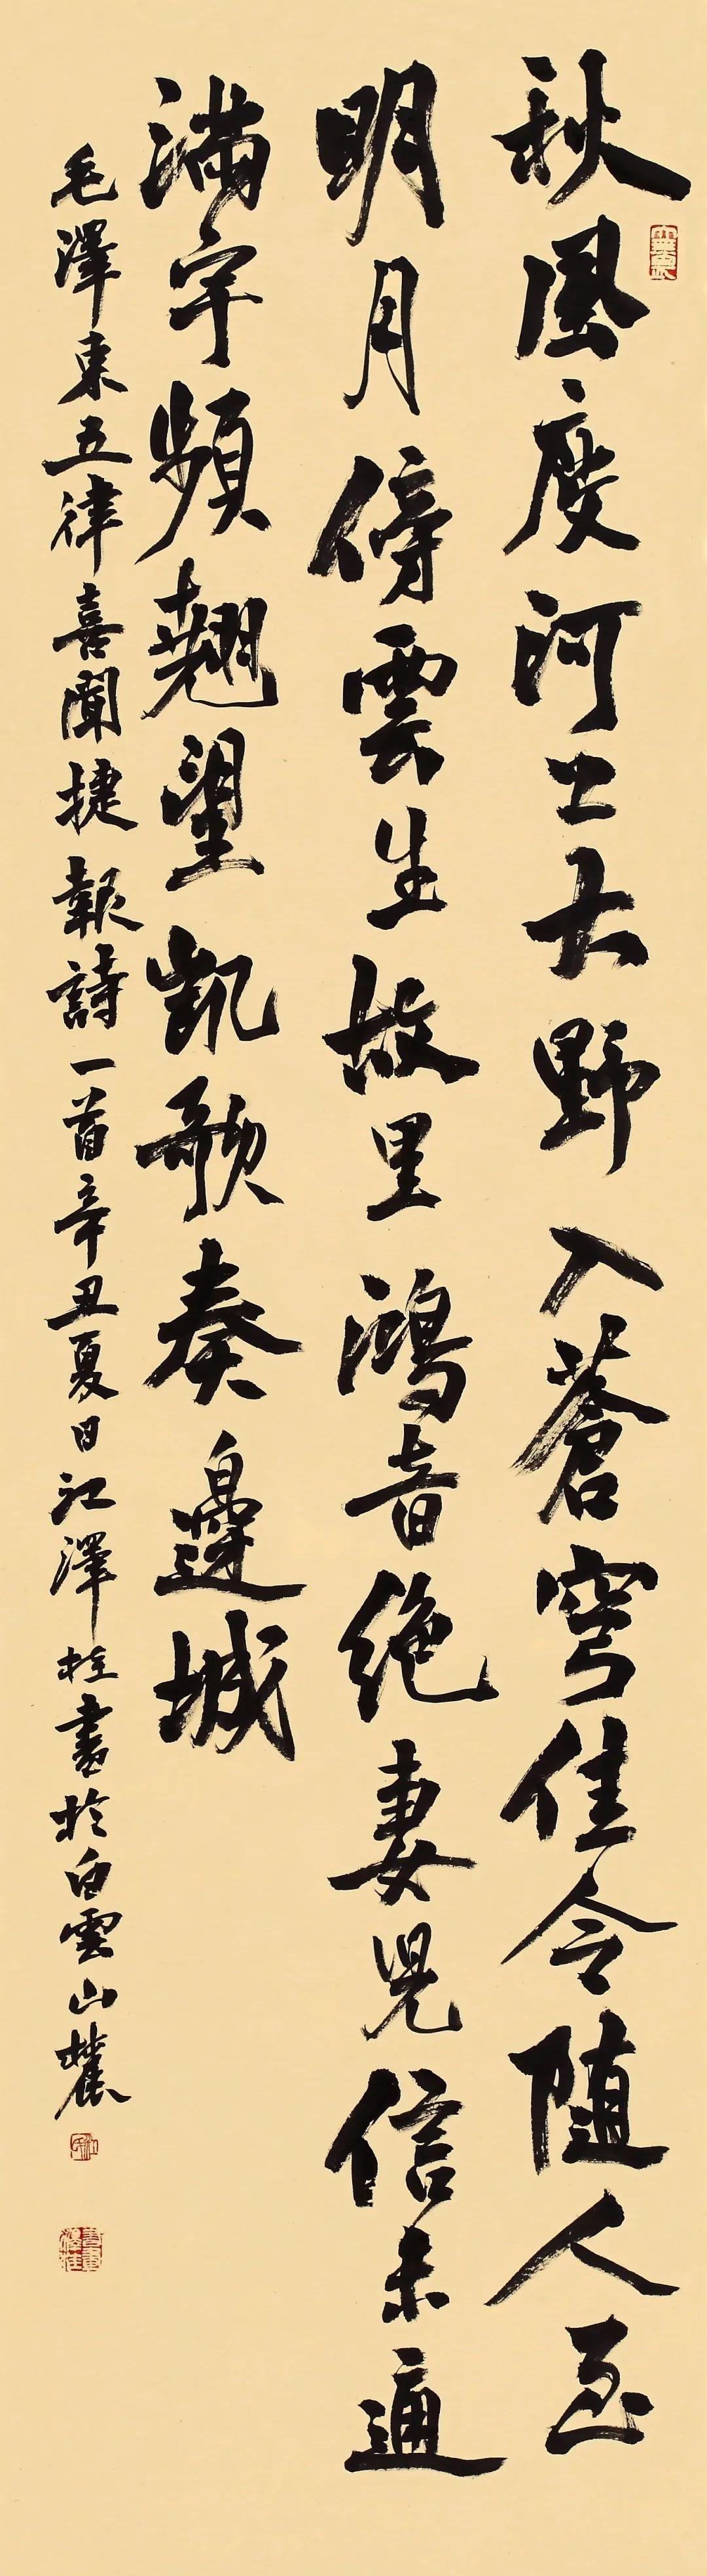 中国书法家协会会员、广东省书法家协会理事、广州市书法家协会副主席、广州羊城书法研究会会长、广州致公书画院院长江泽桂